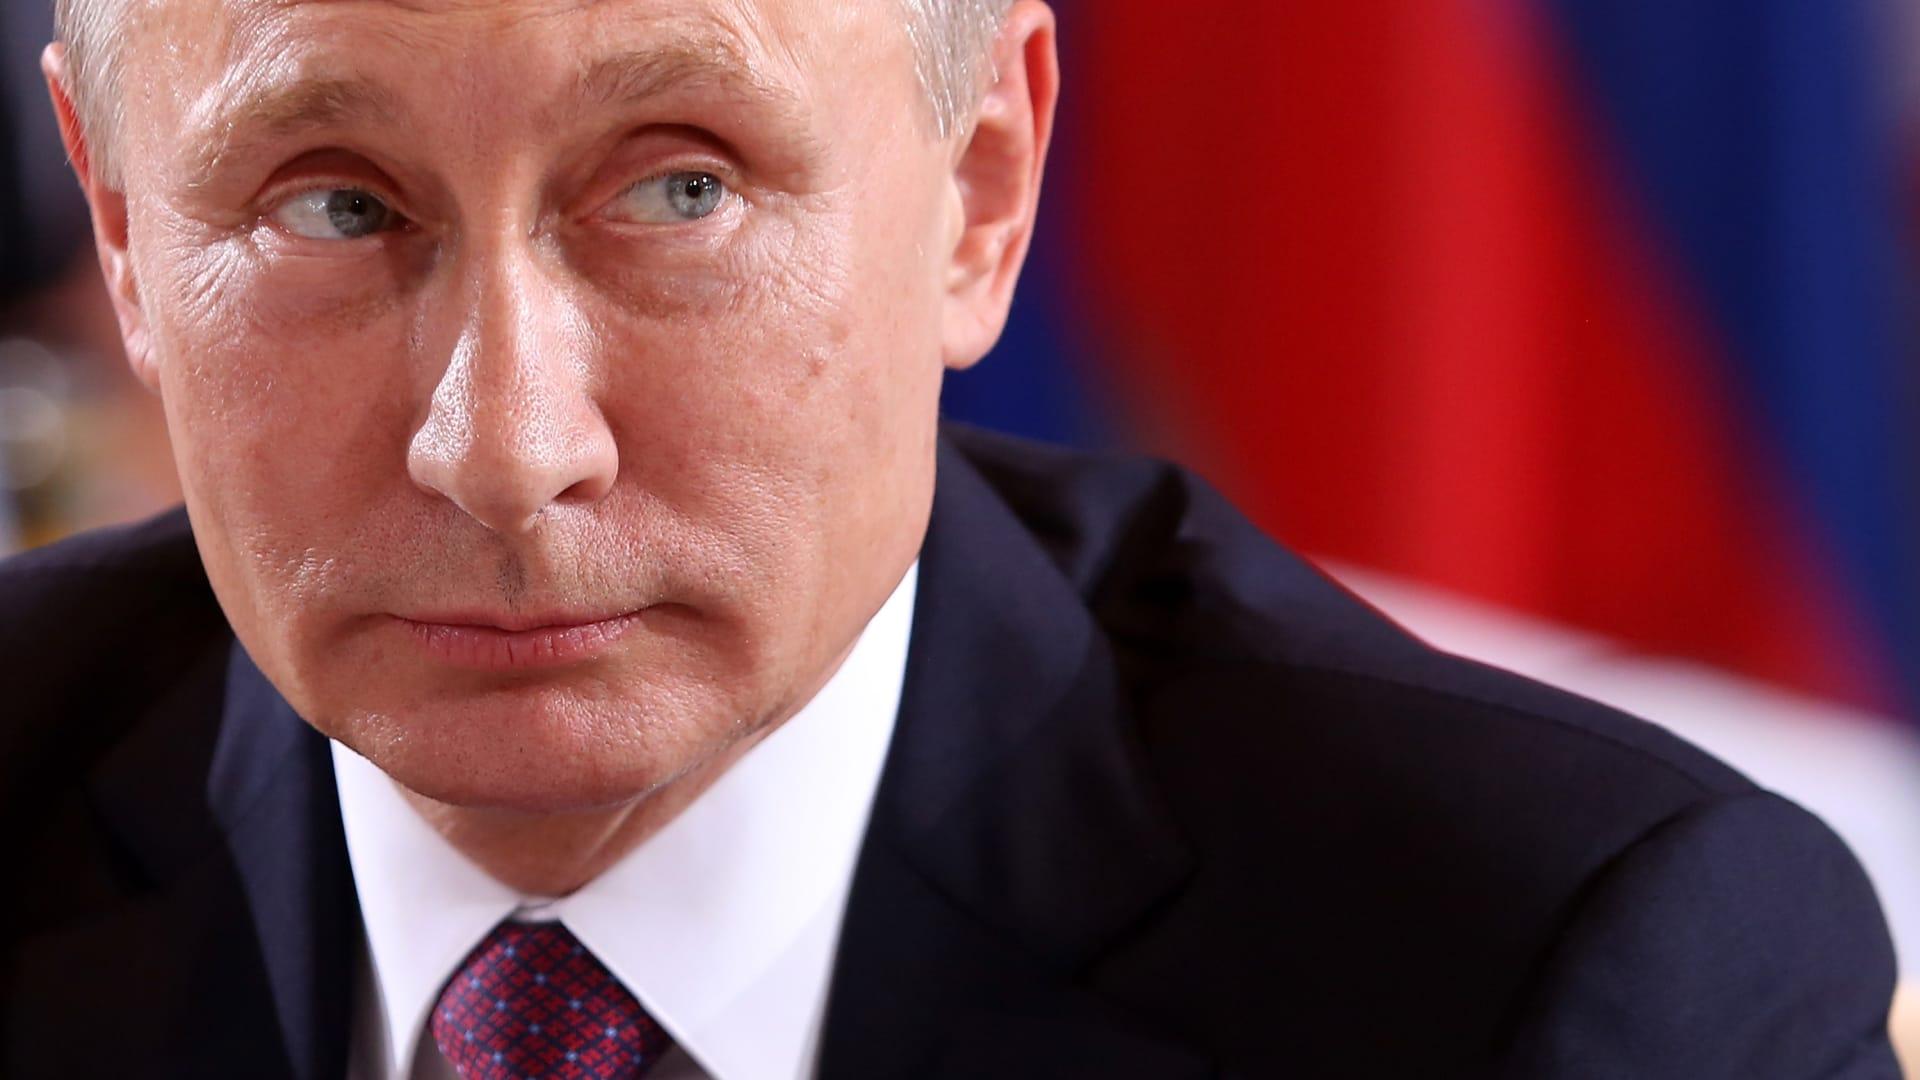 بايدن: روسيا ستُقرصن الانتخابات في أوروبا